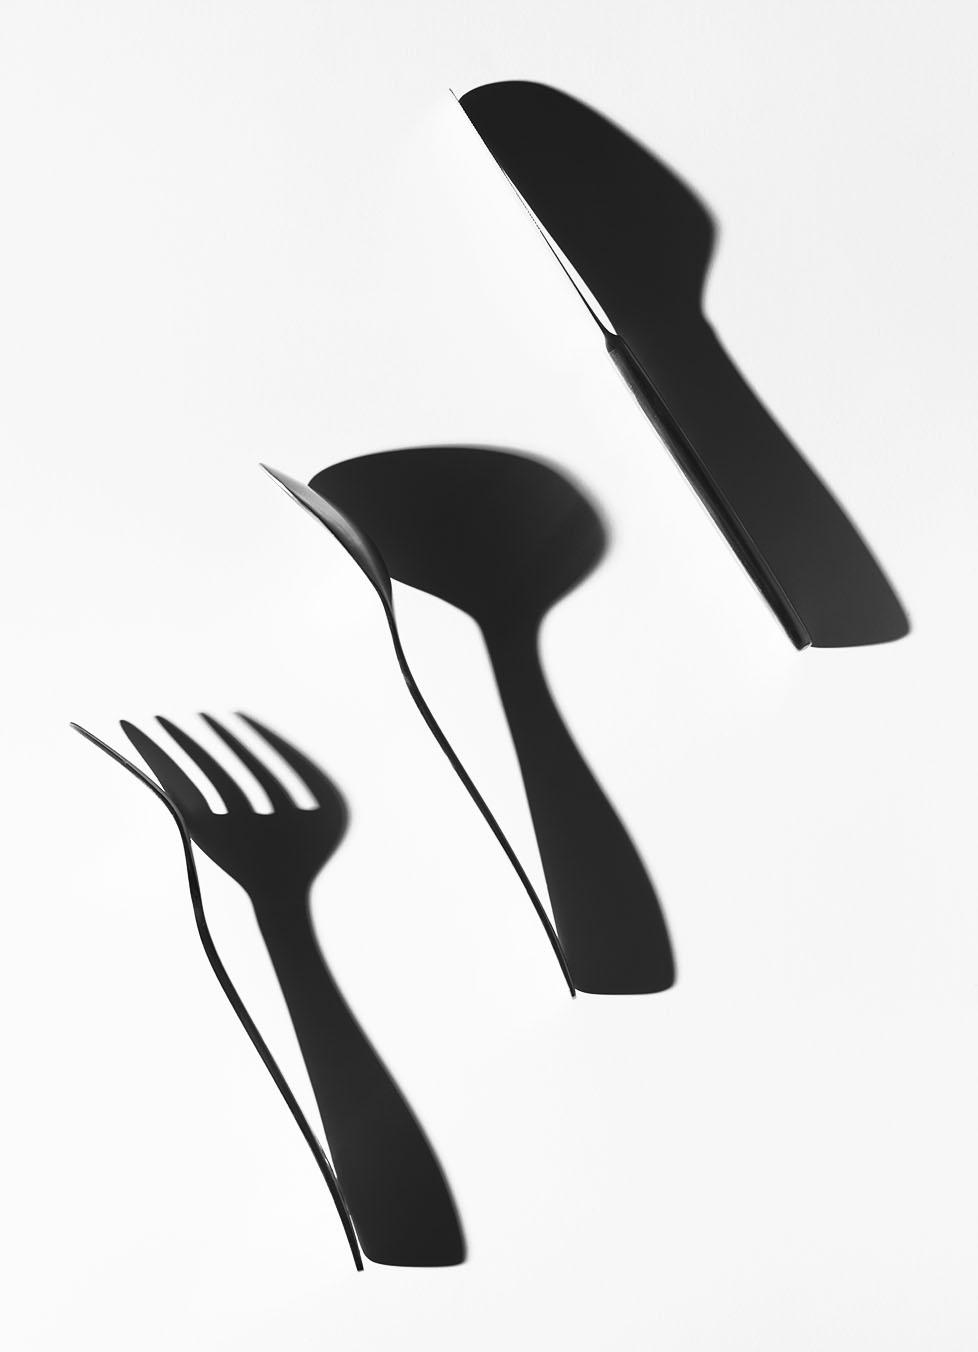 Kent_Rogowski_Fork.jpg